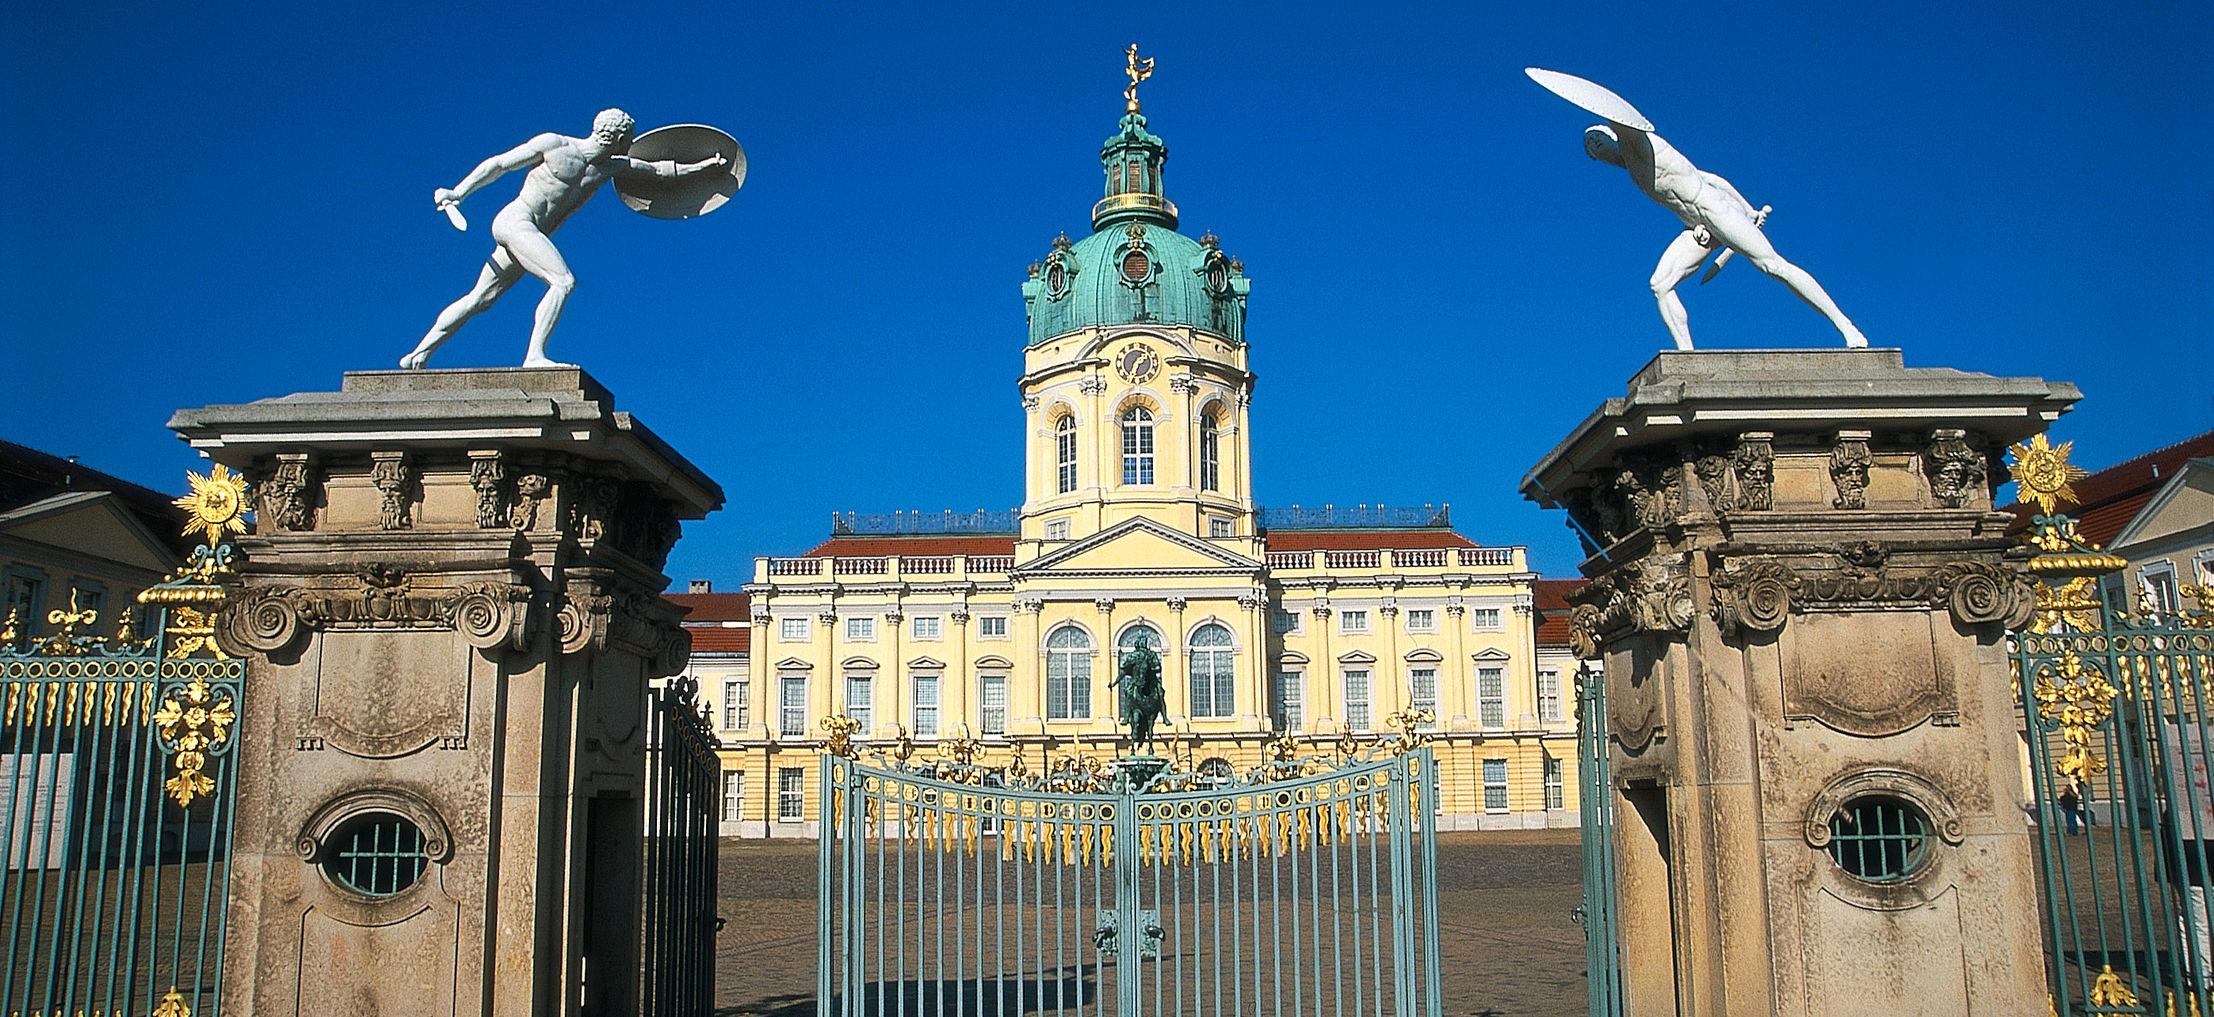 أسباب تجعل مدينة برلين وجهتك السياحية القادمة